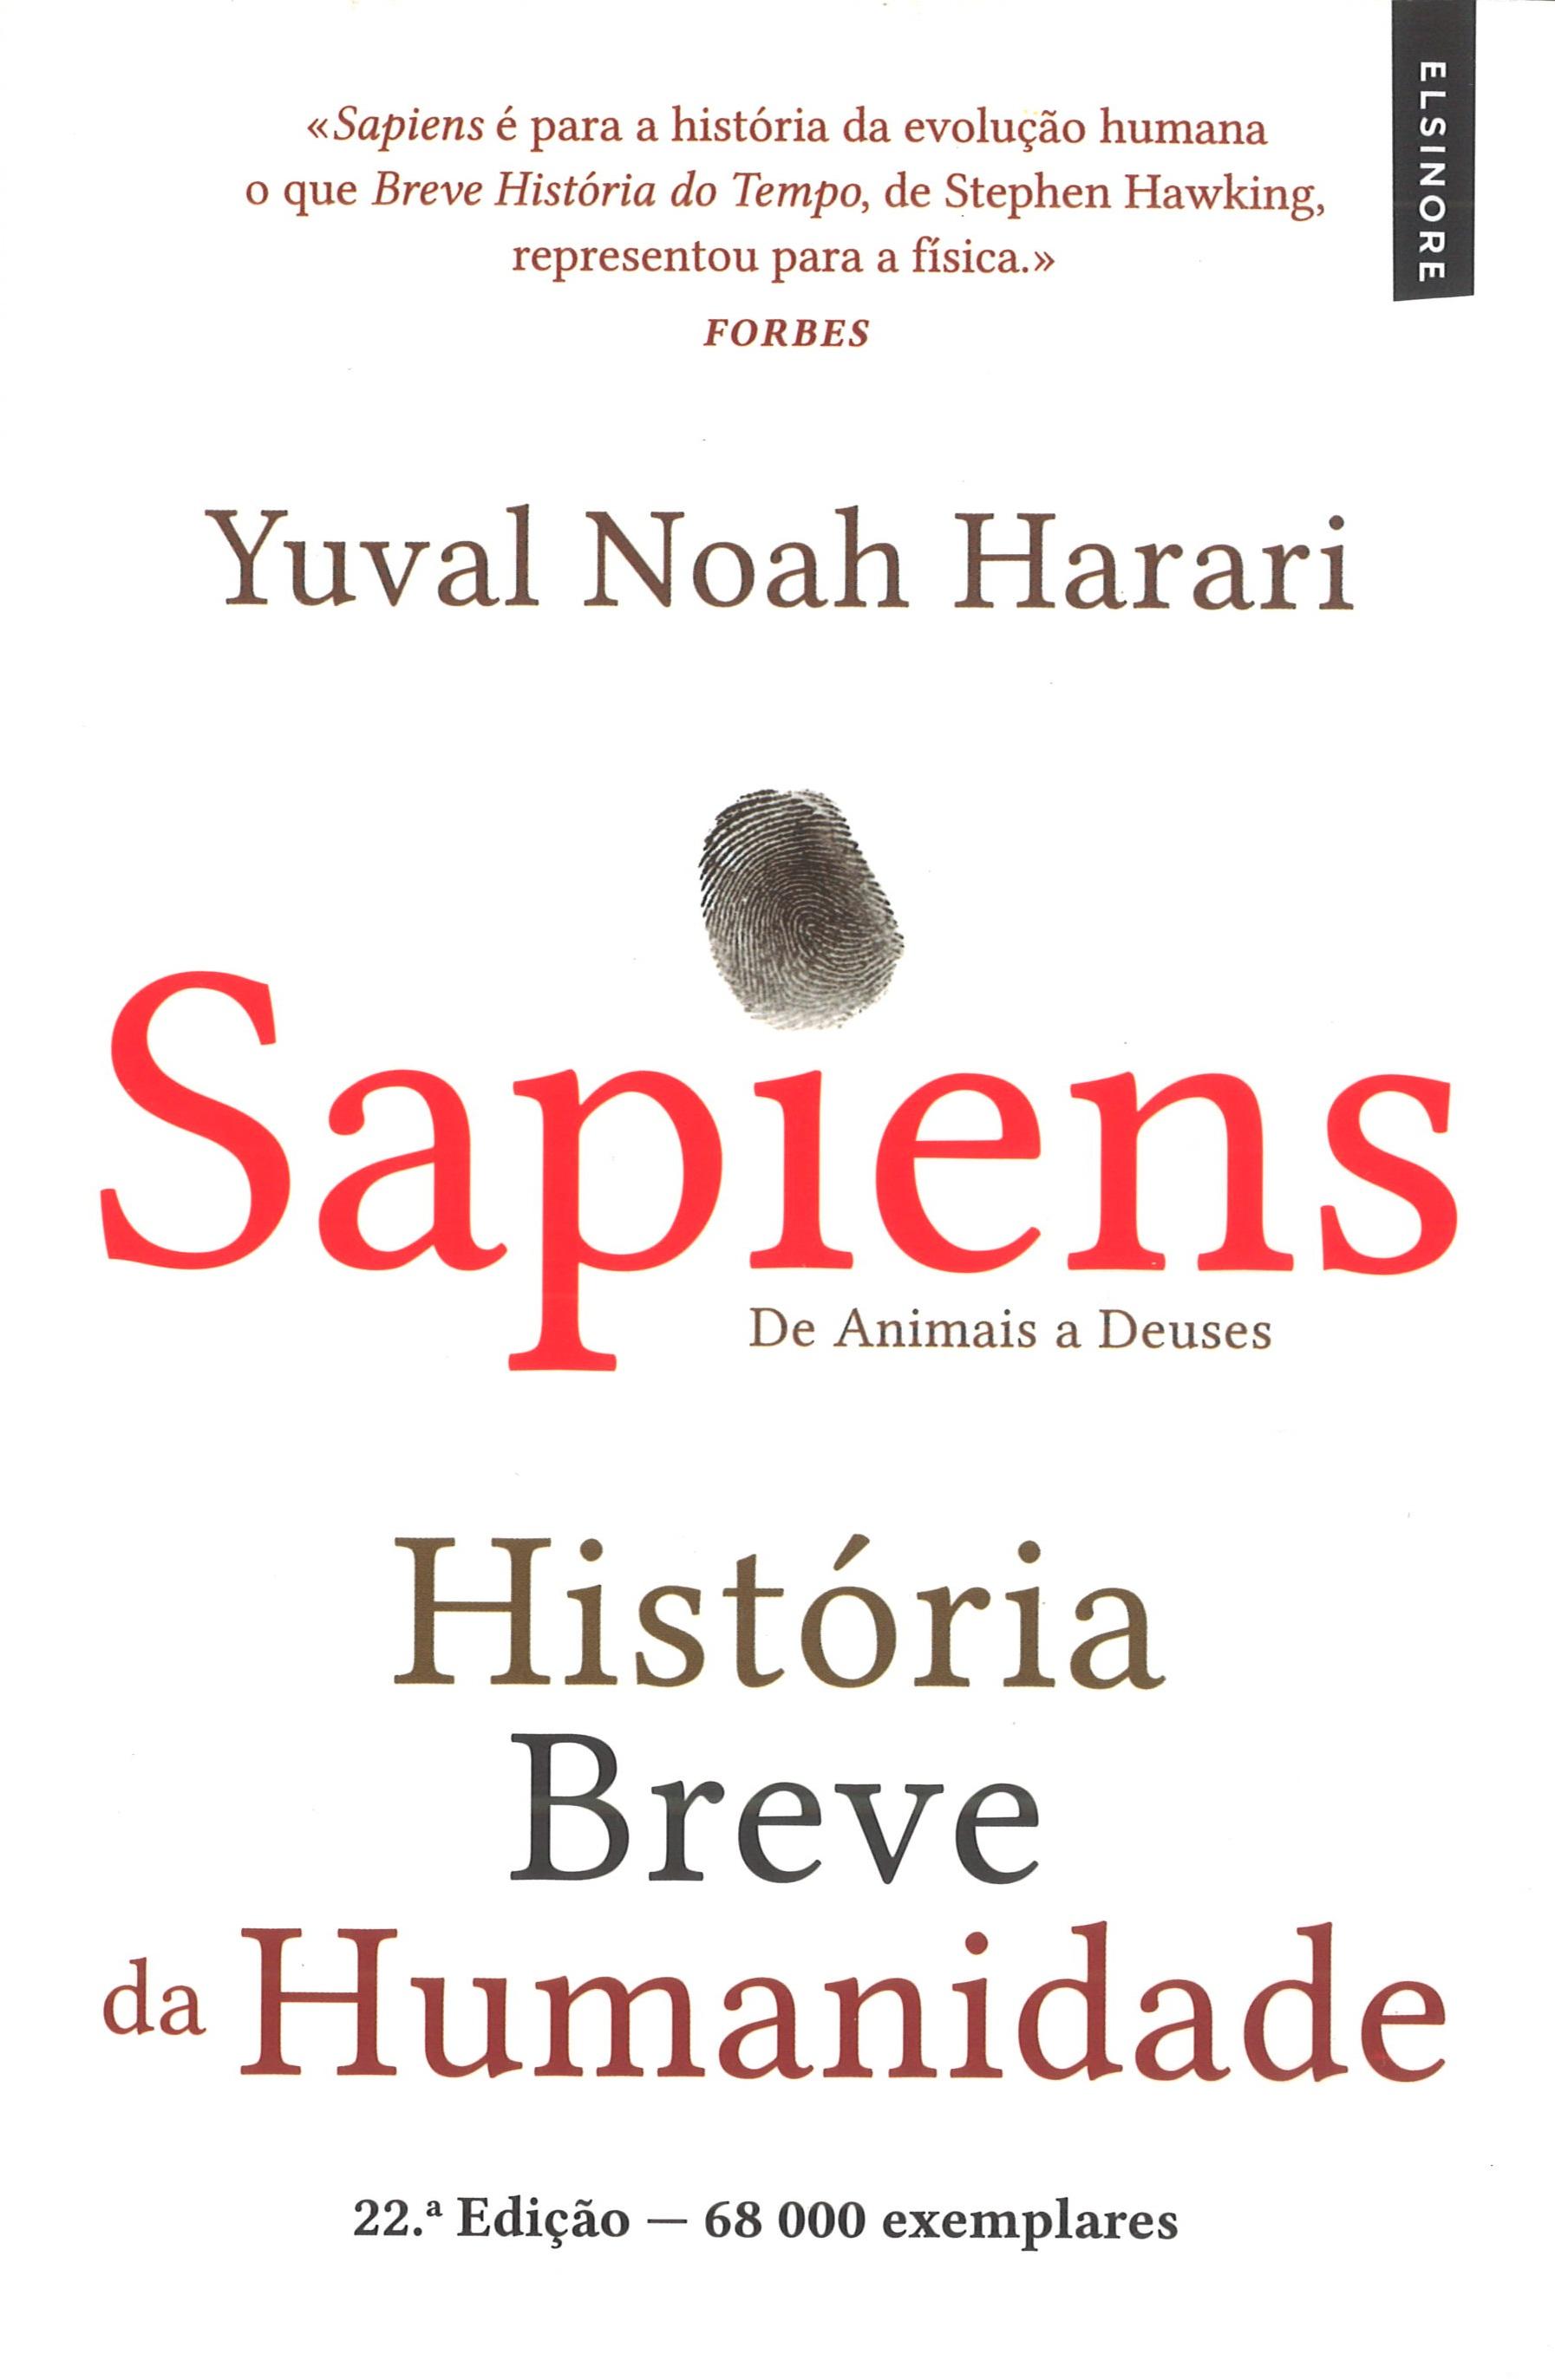 Sapiens - História Breve da Humanidade De animais a Deuses